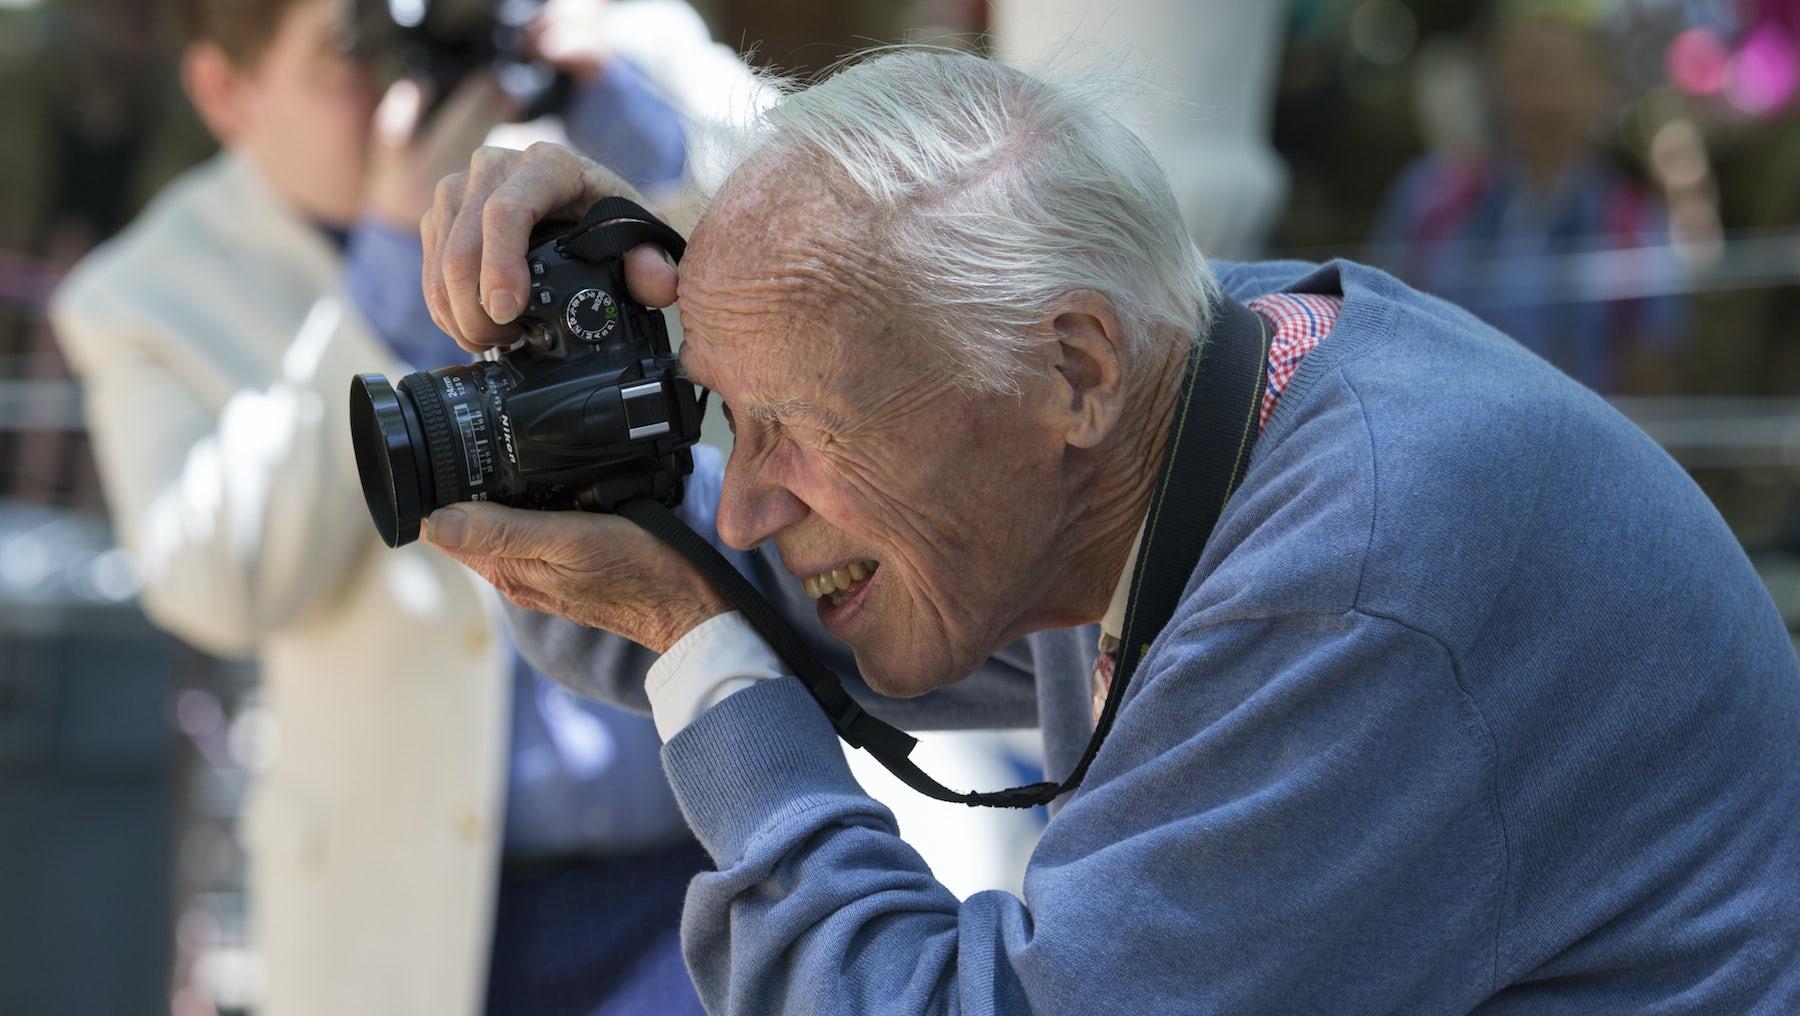 Bill Cunningham | Source: Shutterstock